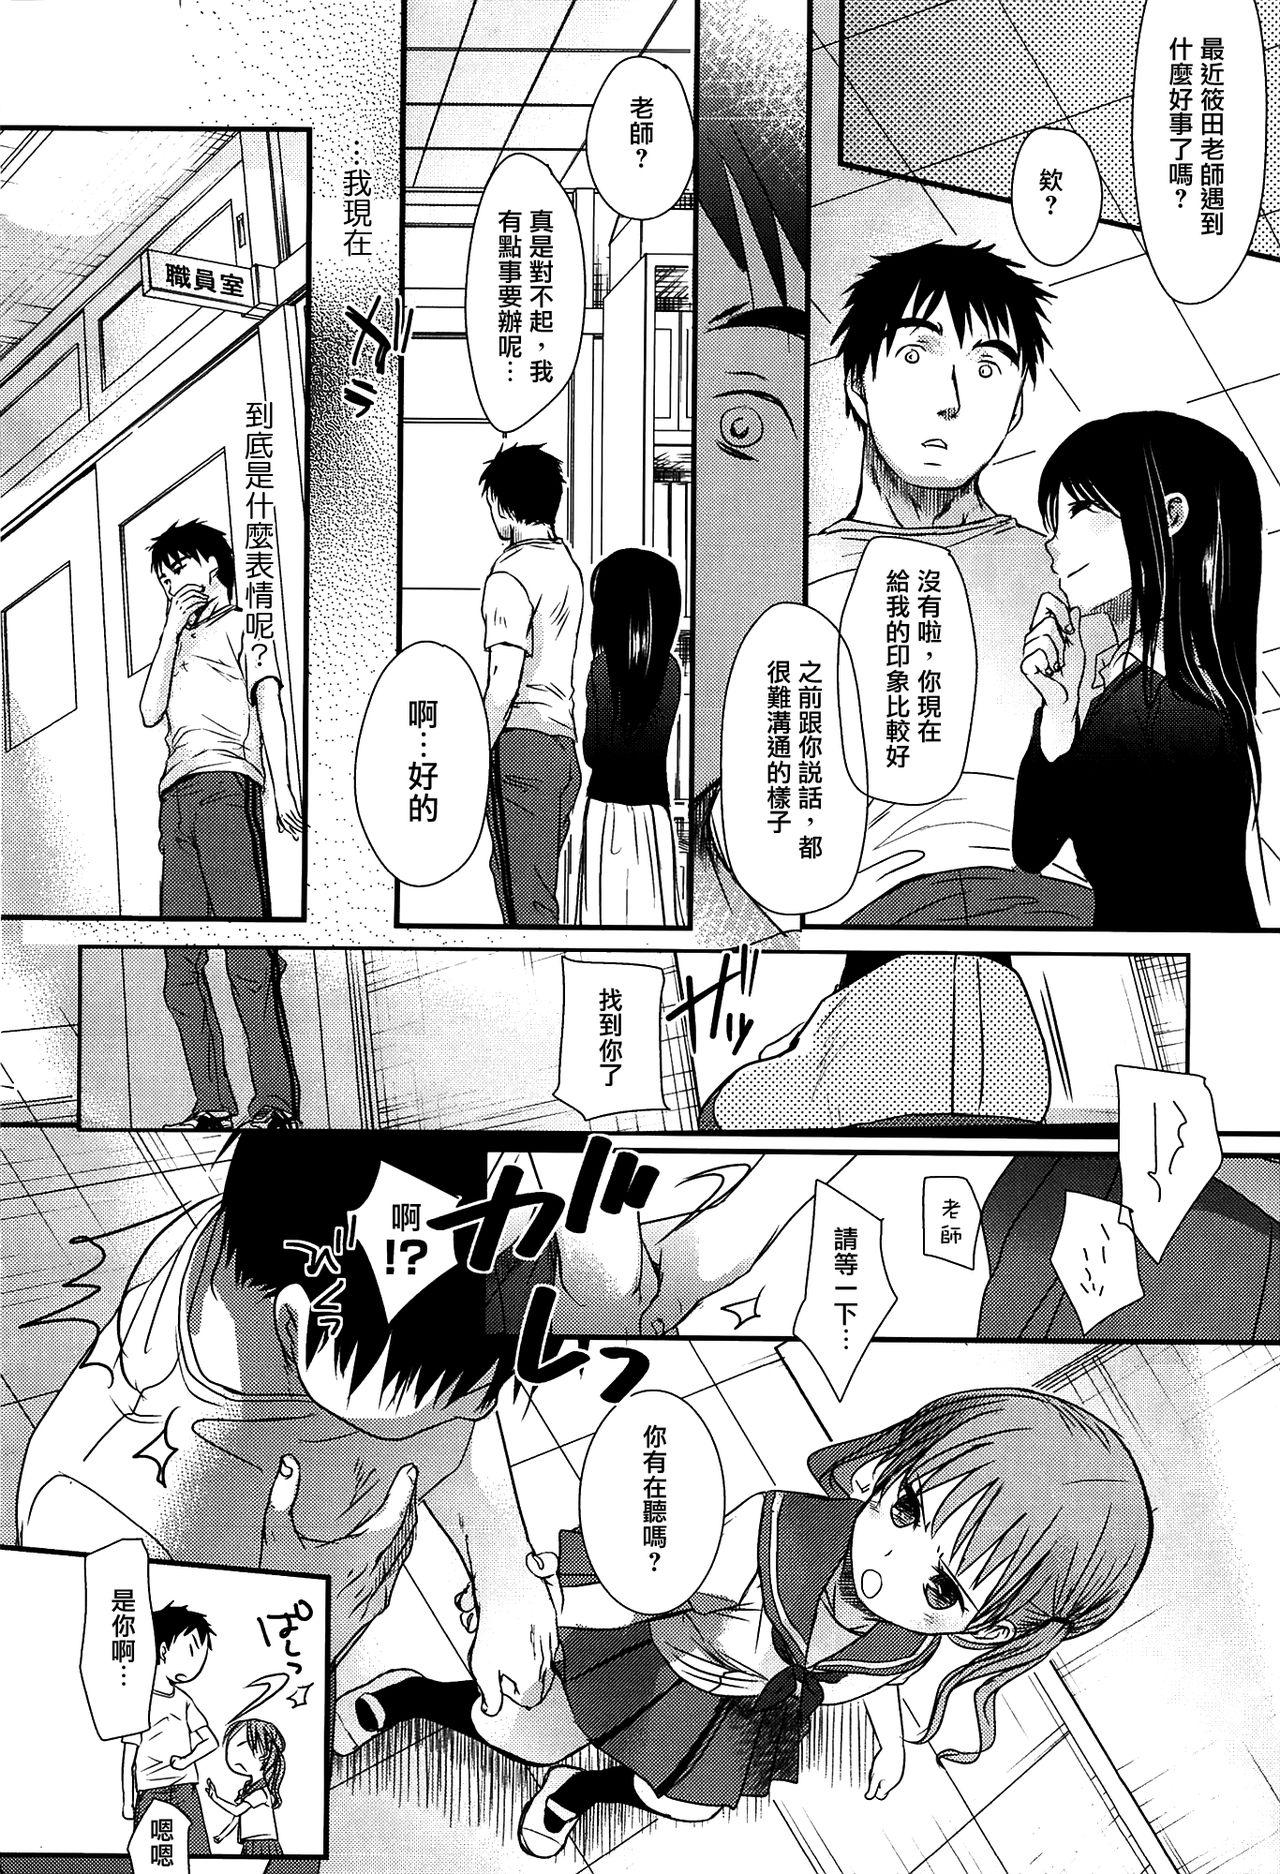 Sensei to, Watashi to. Jou 197